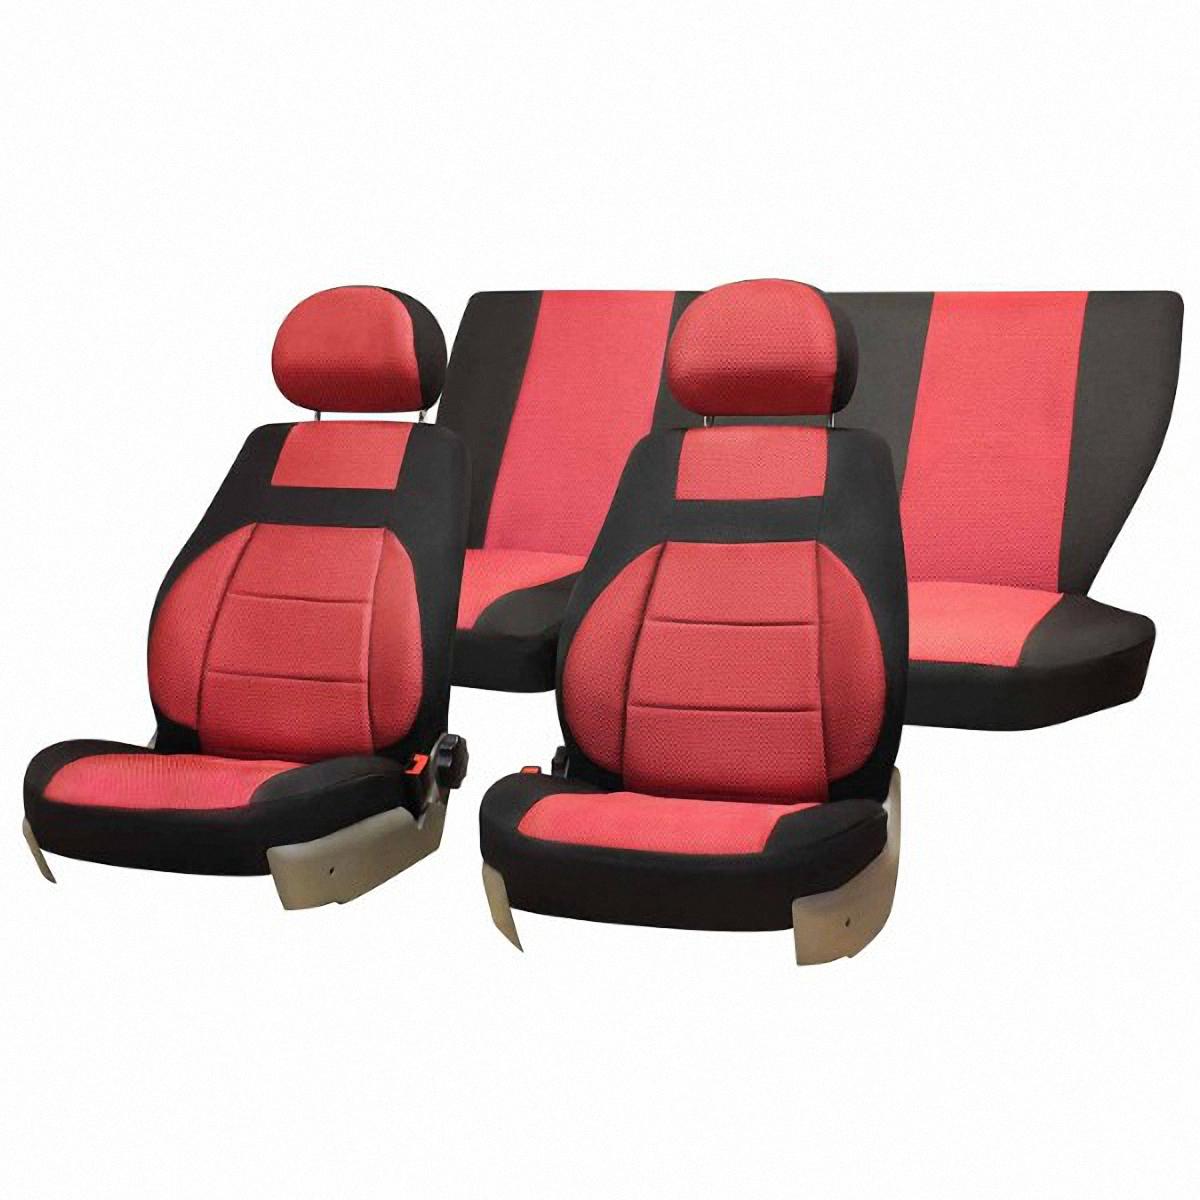 Чехлы автомобильные Skyway, для Lada Priora, хэтчбекSC-FD421005Автомобильные чехлы Skyway изготовлены из качественного жаккарда. Чехлы идеально повторяют штатную форму сидений и выглядят как оригинальная обивка сидений. Разработаны индивидуально для каждой модели автомобиля. Авточехлы Skyway просты в уходе - загрязнения легко удаляются влажной тканью. Чехлы имеют раздельную схему надевания. В комплекте 12 предметов.